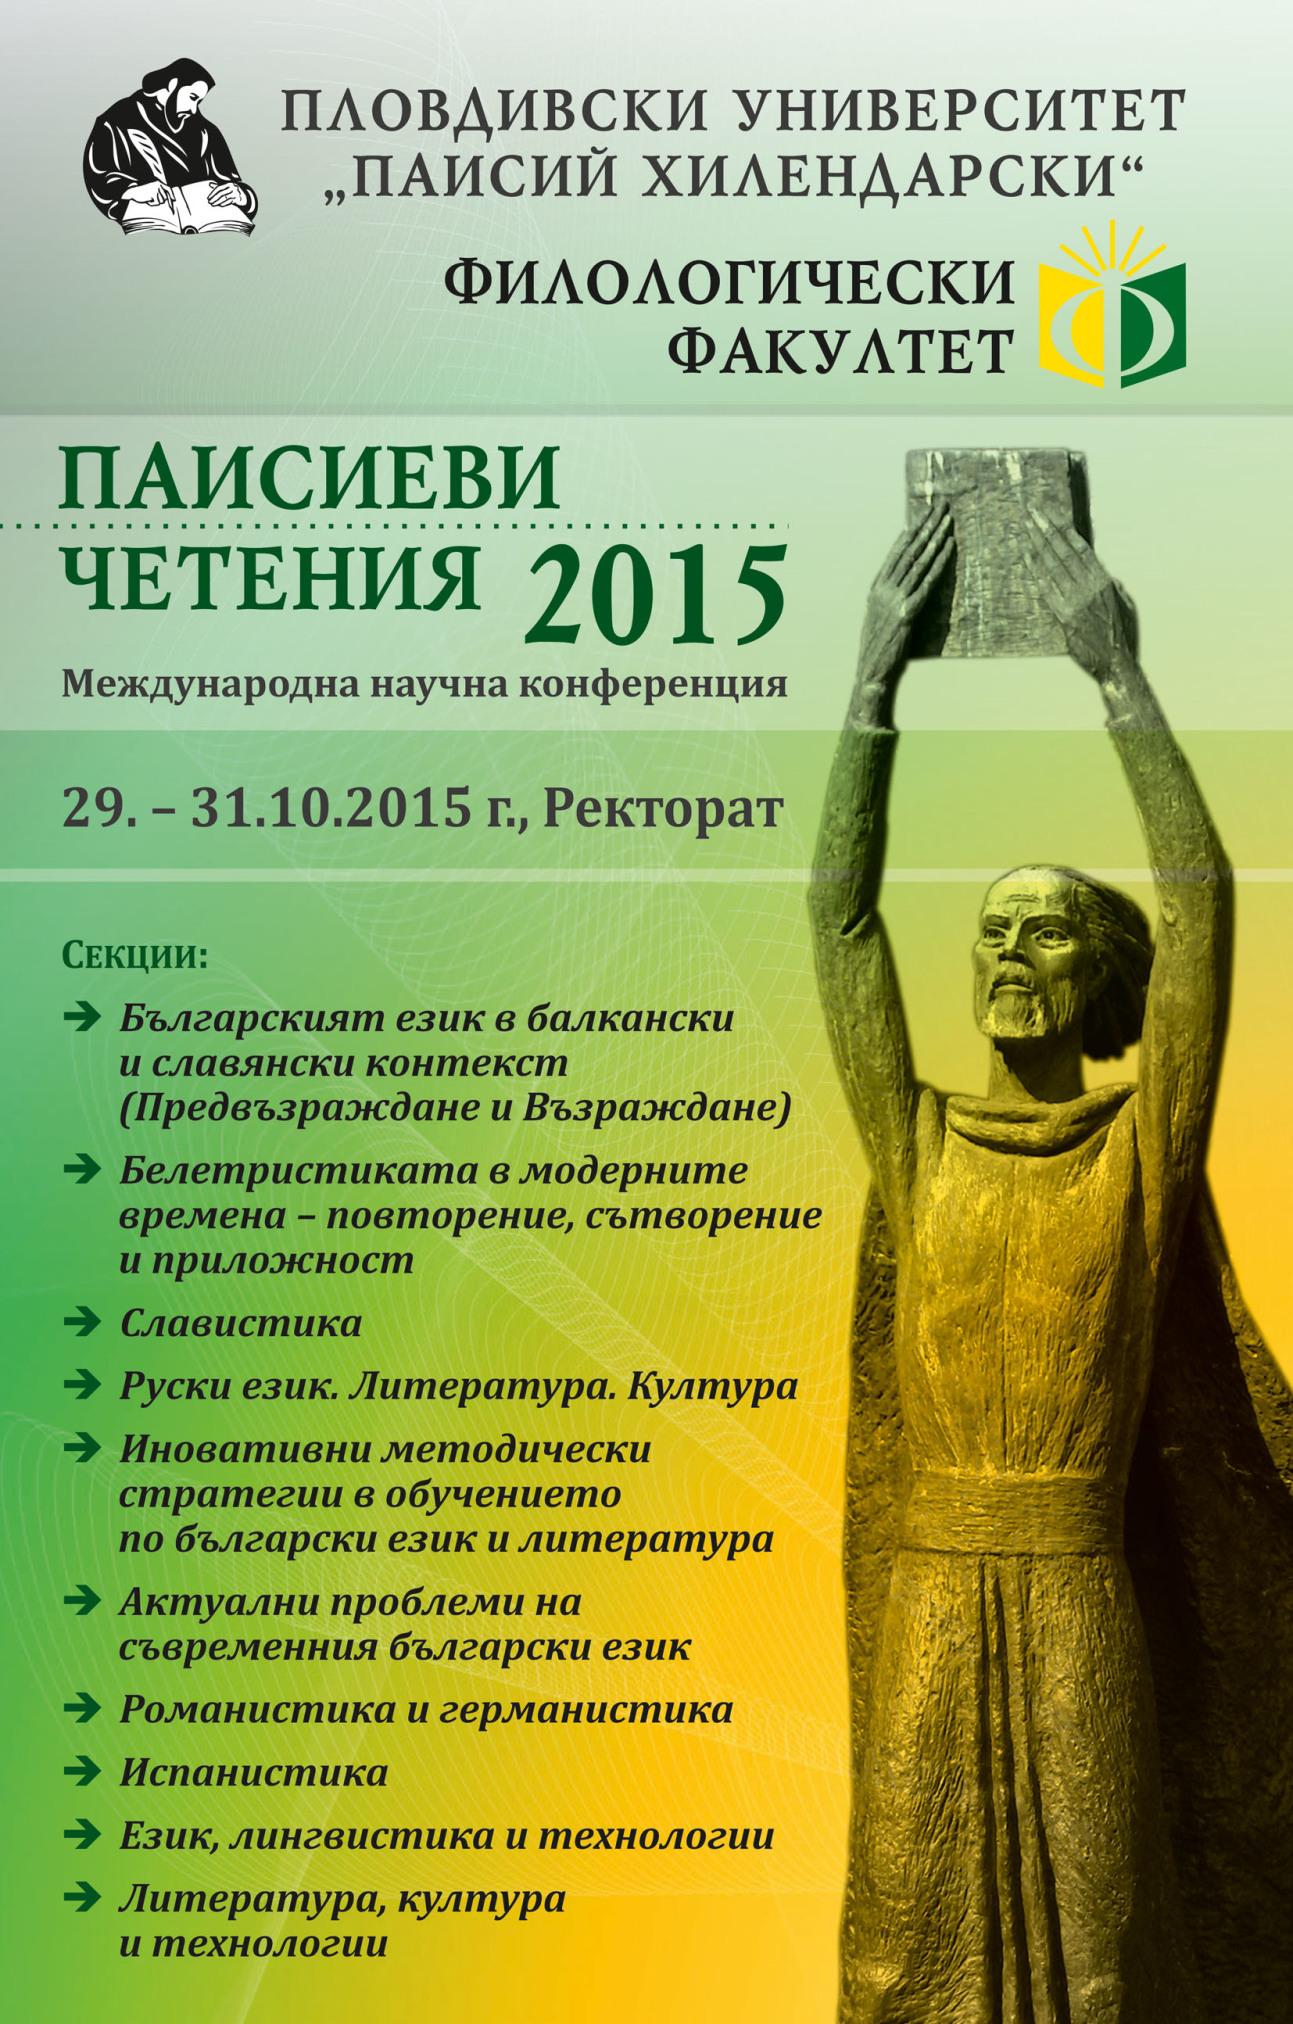 Plakat-FF-PaisieviChetenia-2015